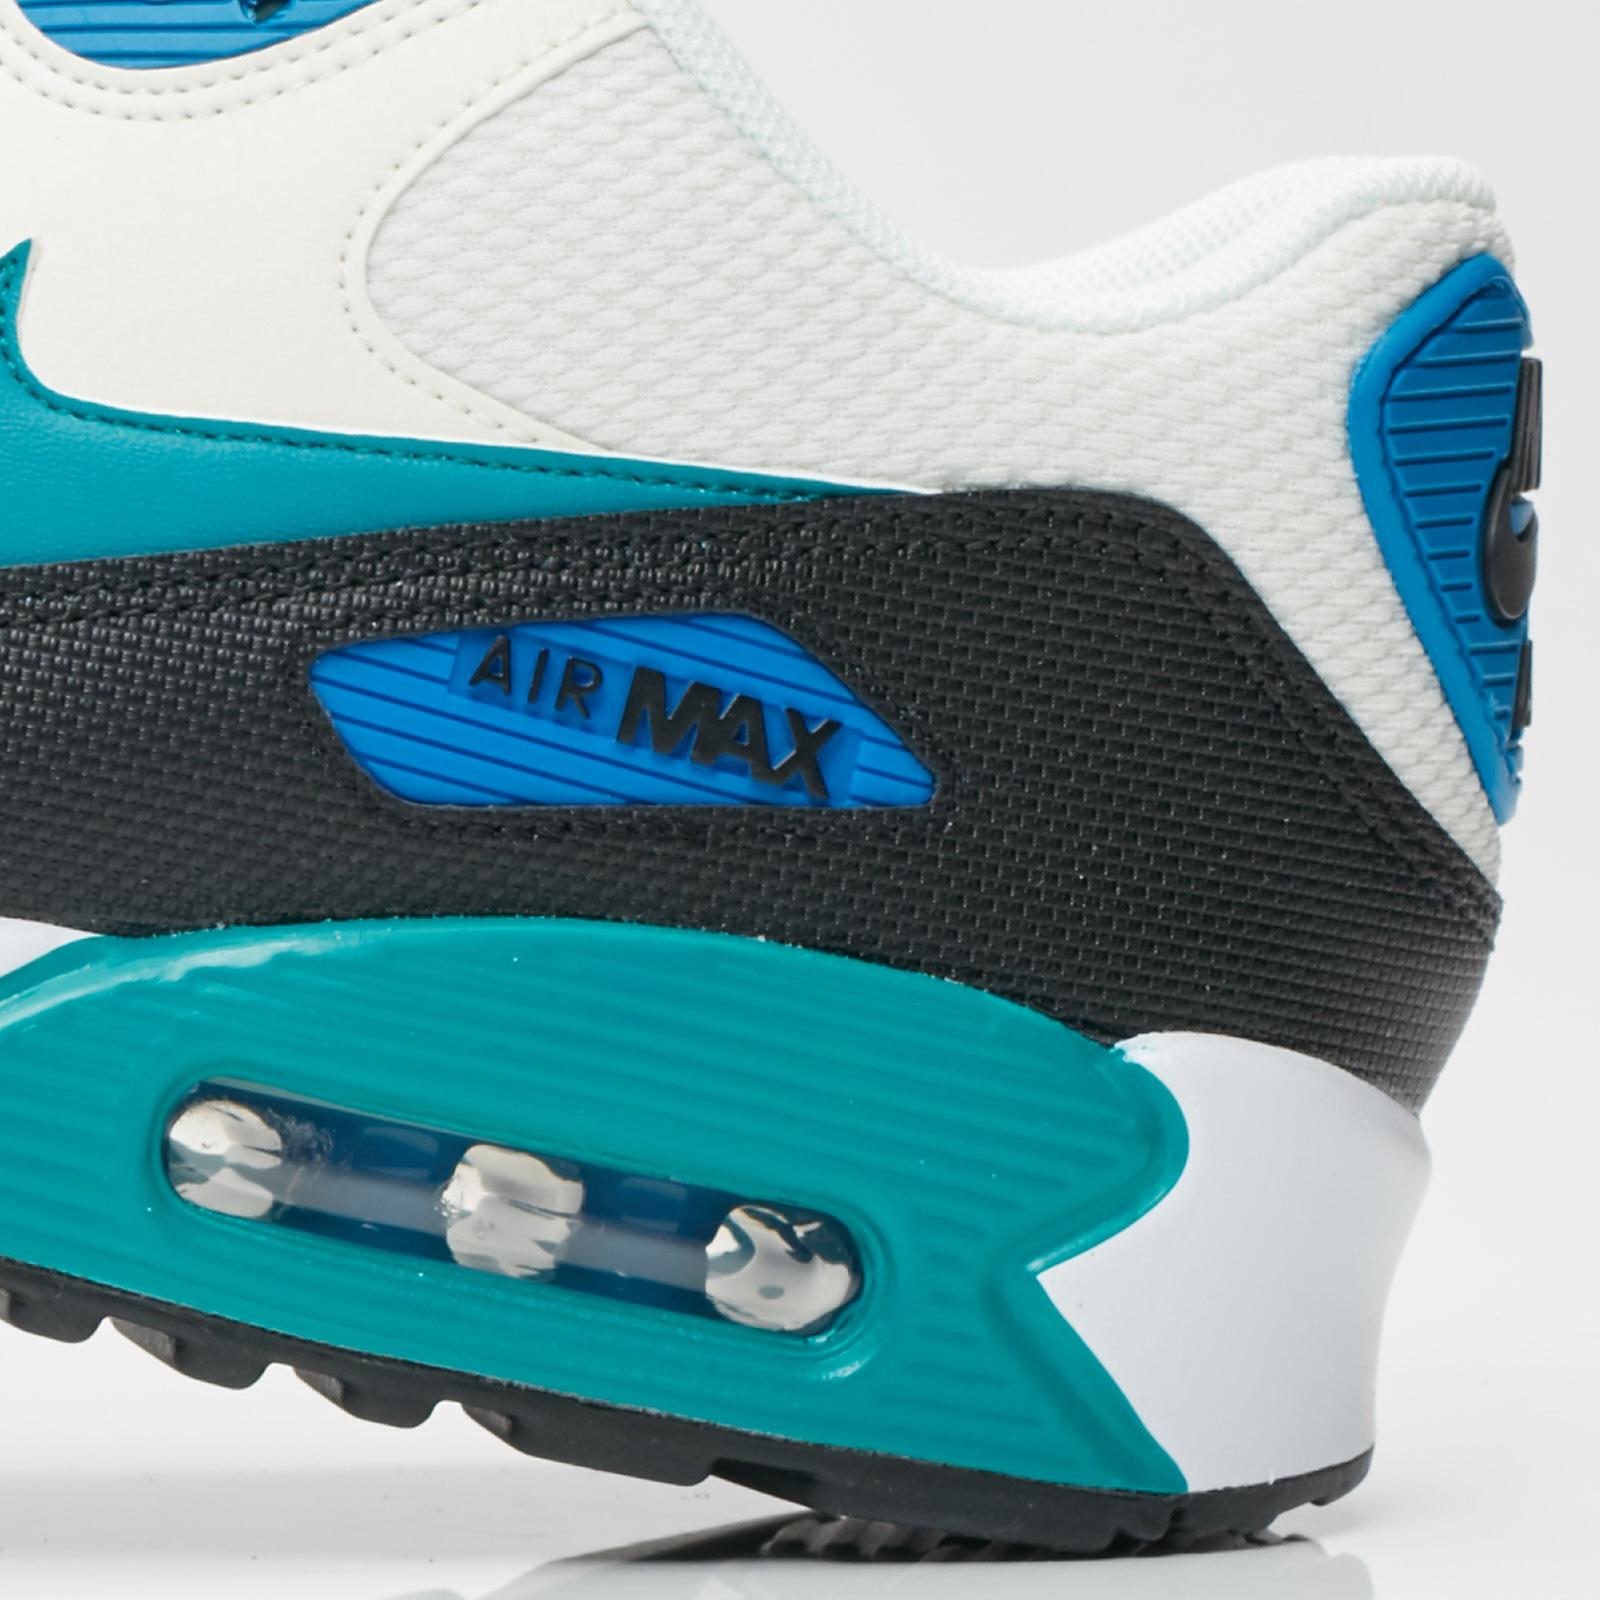 detailed look cd071 e6d06 Nike Sportswear Wmns Air Max 90 - 6. Close